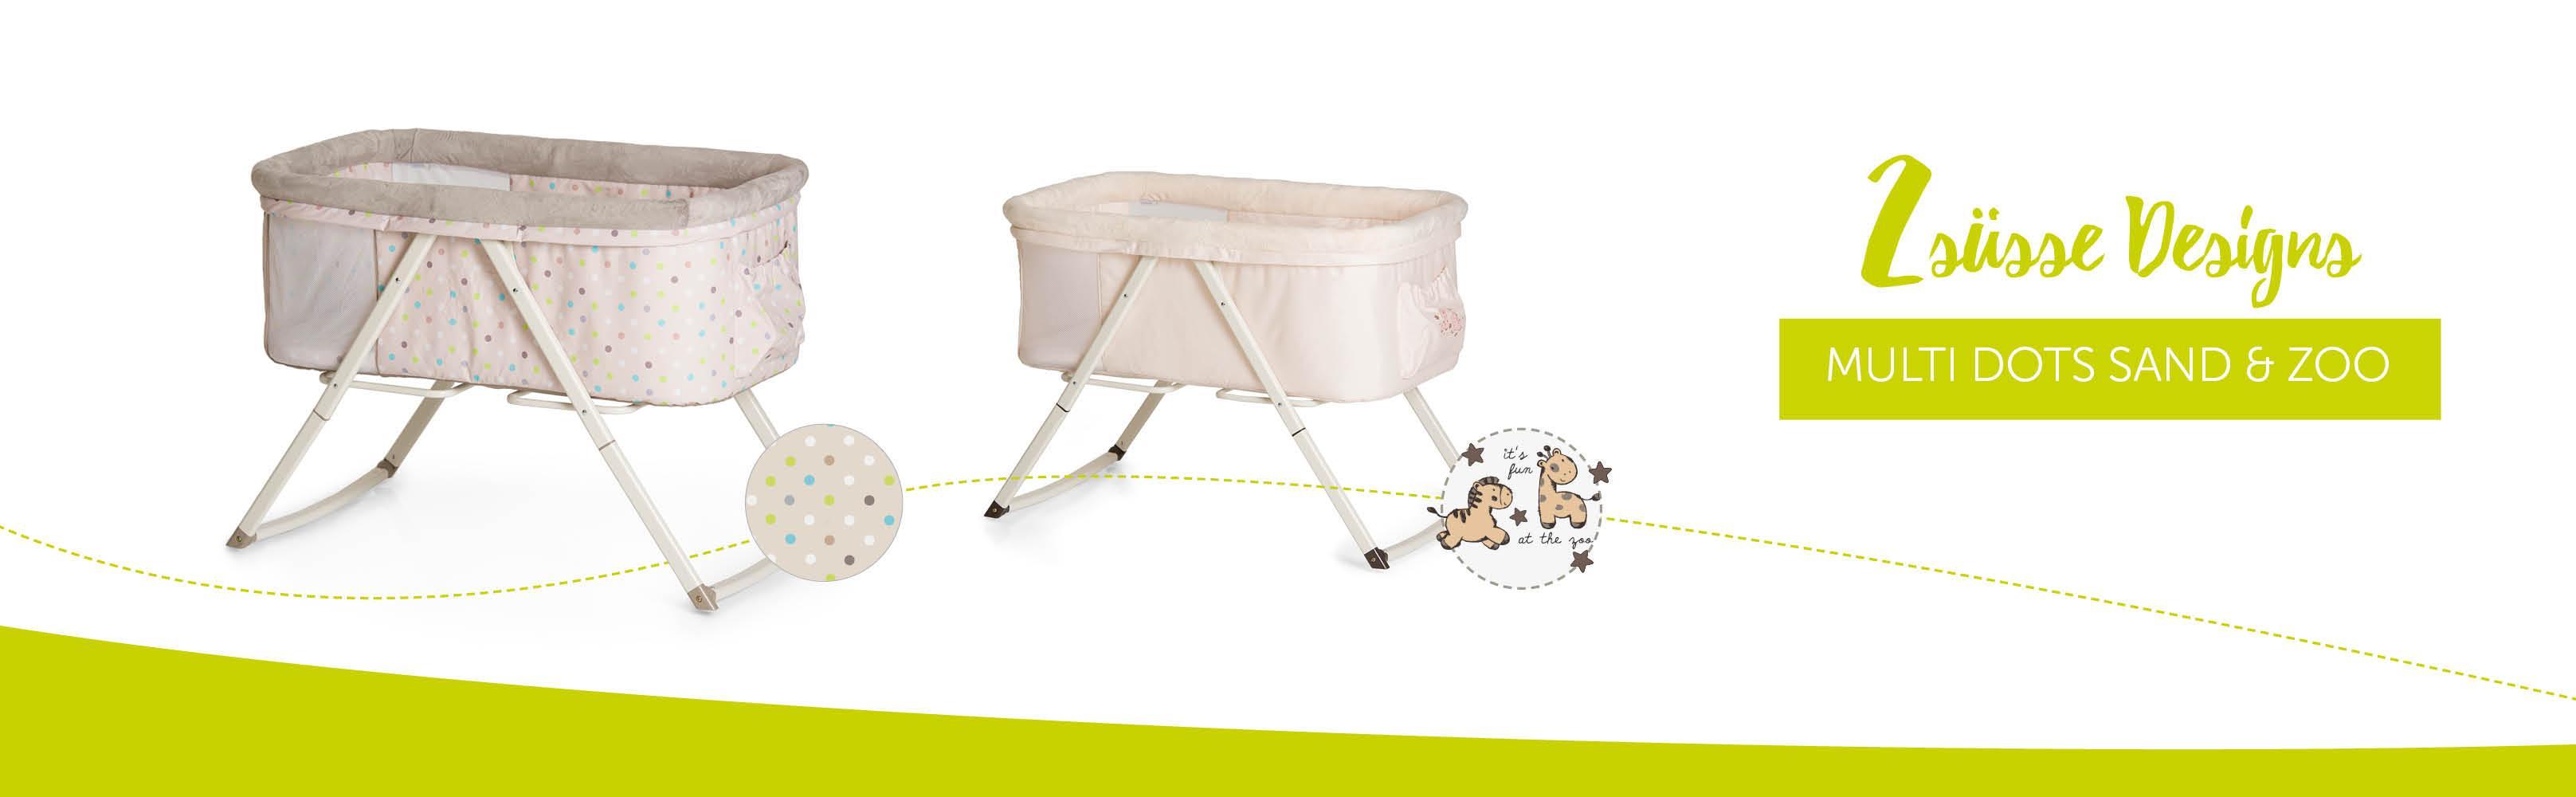 hauck dreamer babywiege stubenwagen beistellbett reisebett inklusive matratze und. Black Bedroom Furniture Sets. Home Design Ideas